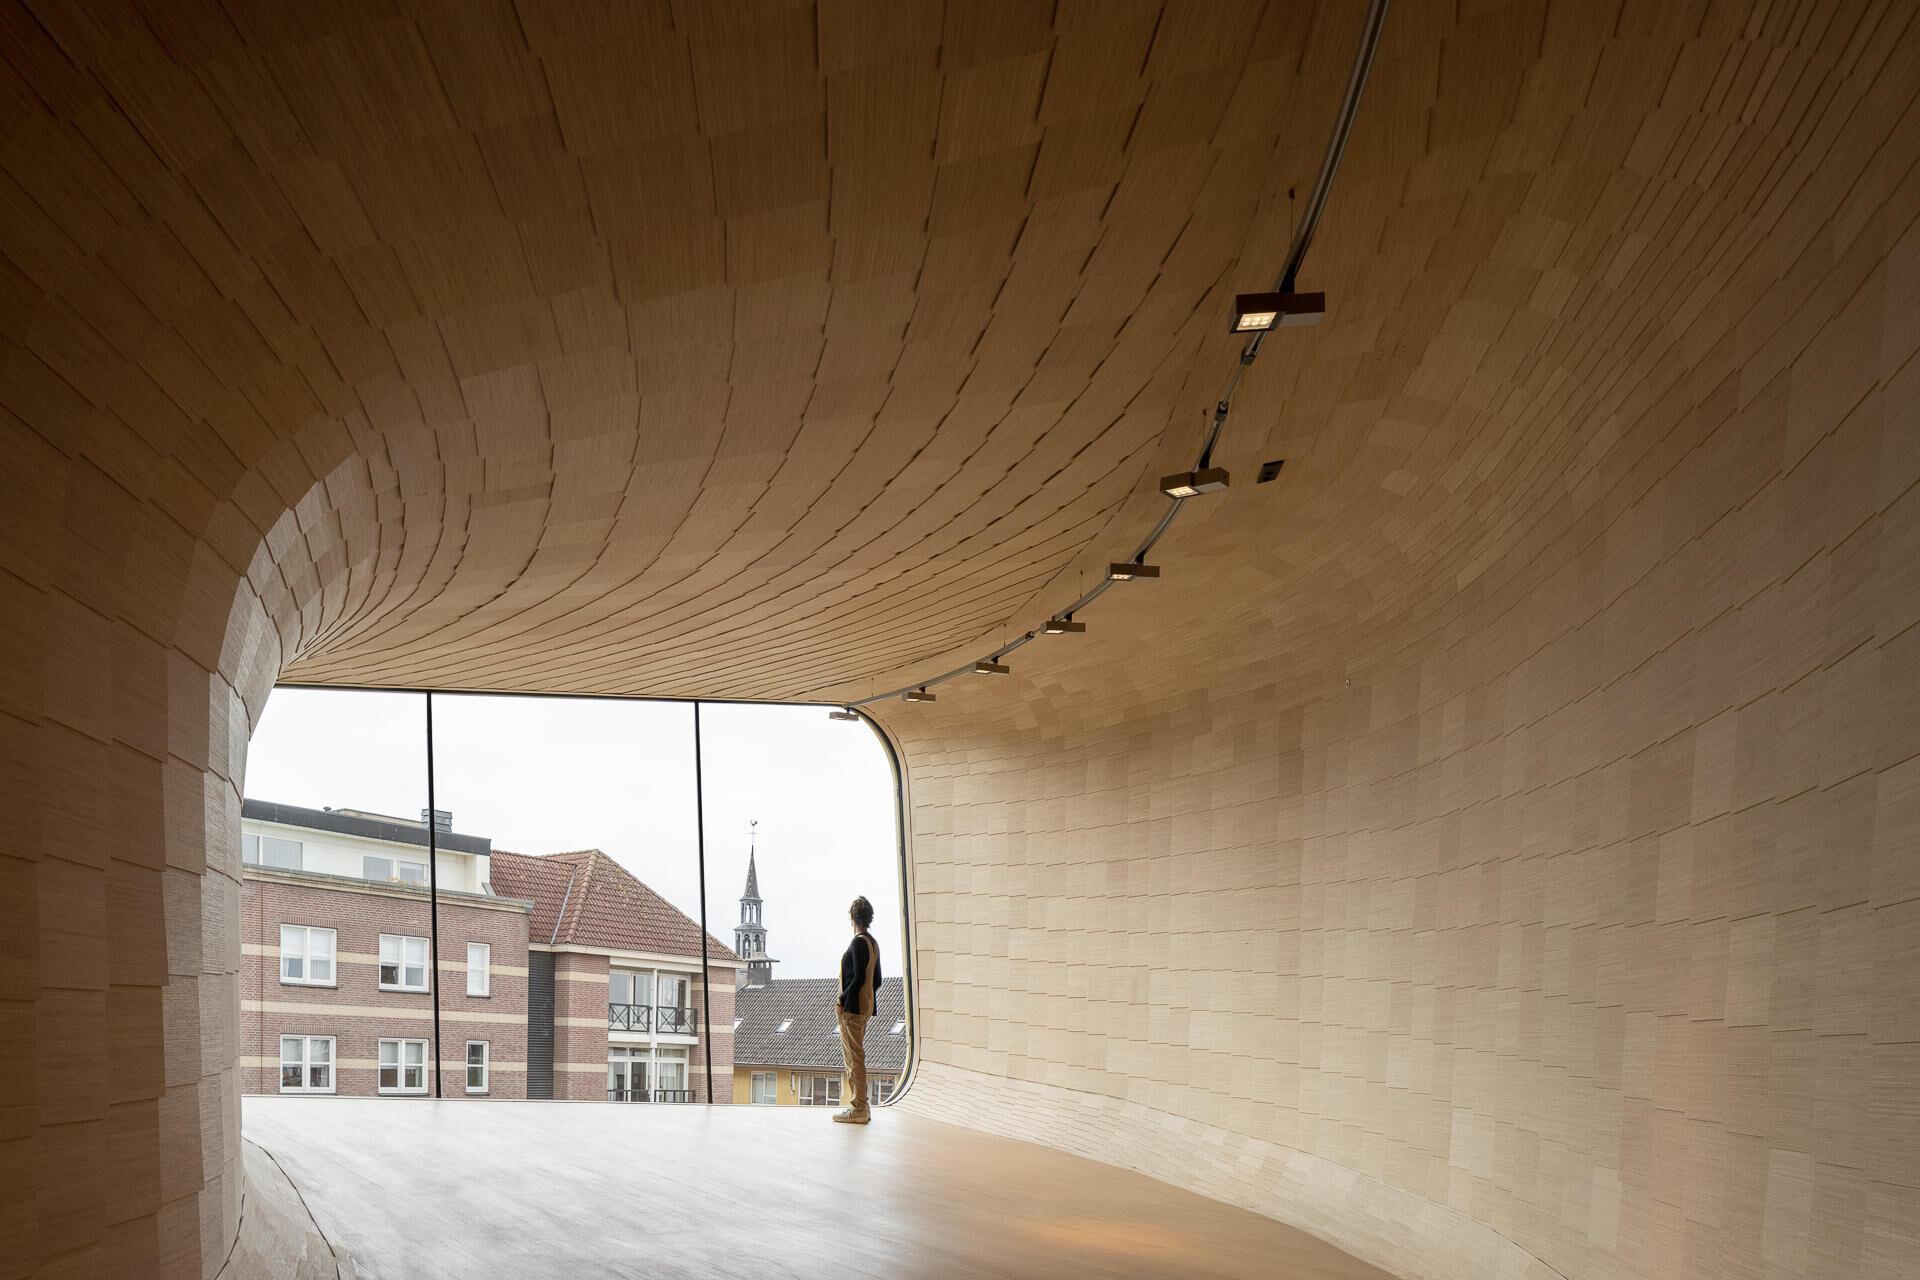 Museum van Bommel van Dam geopend!